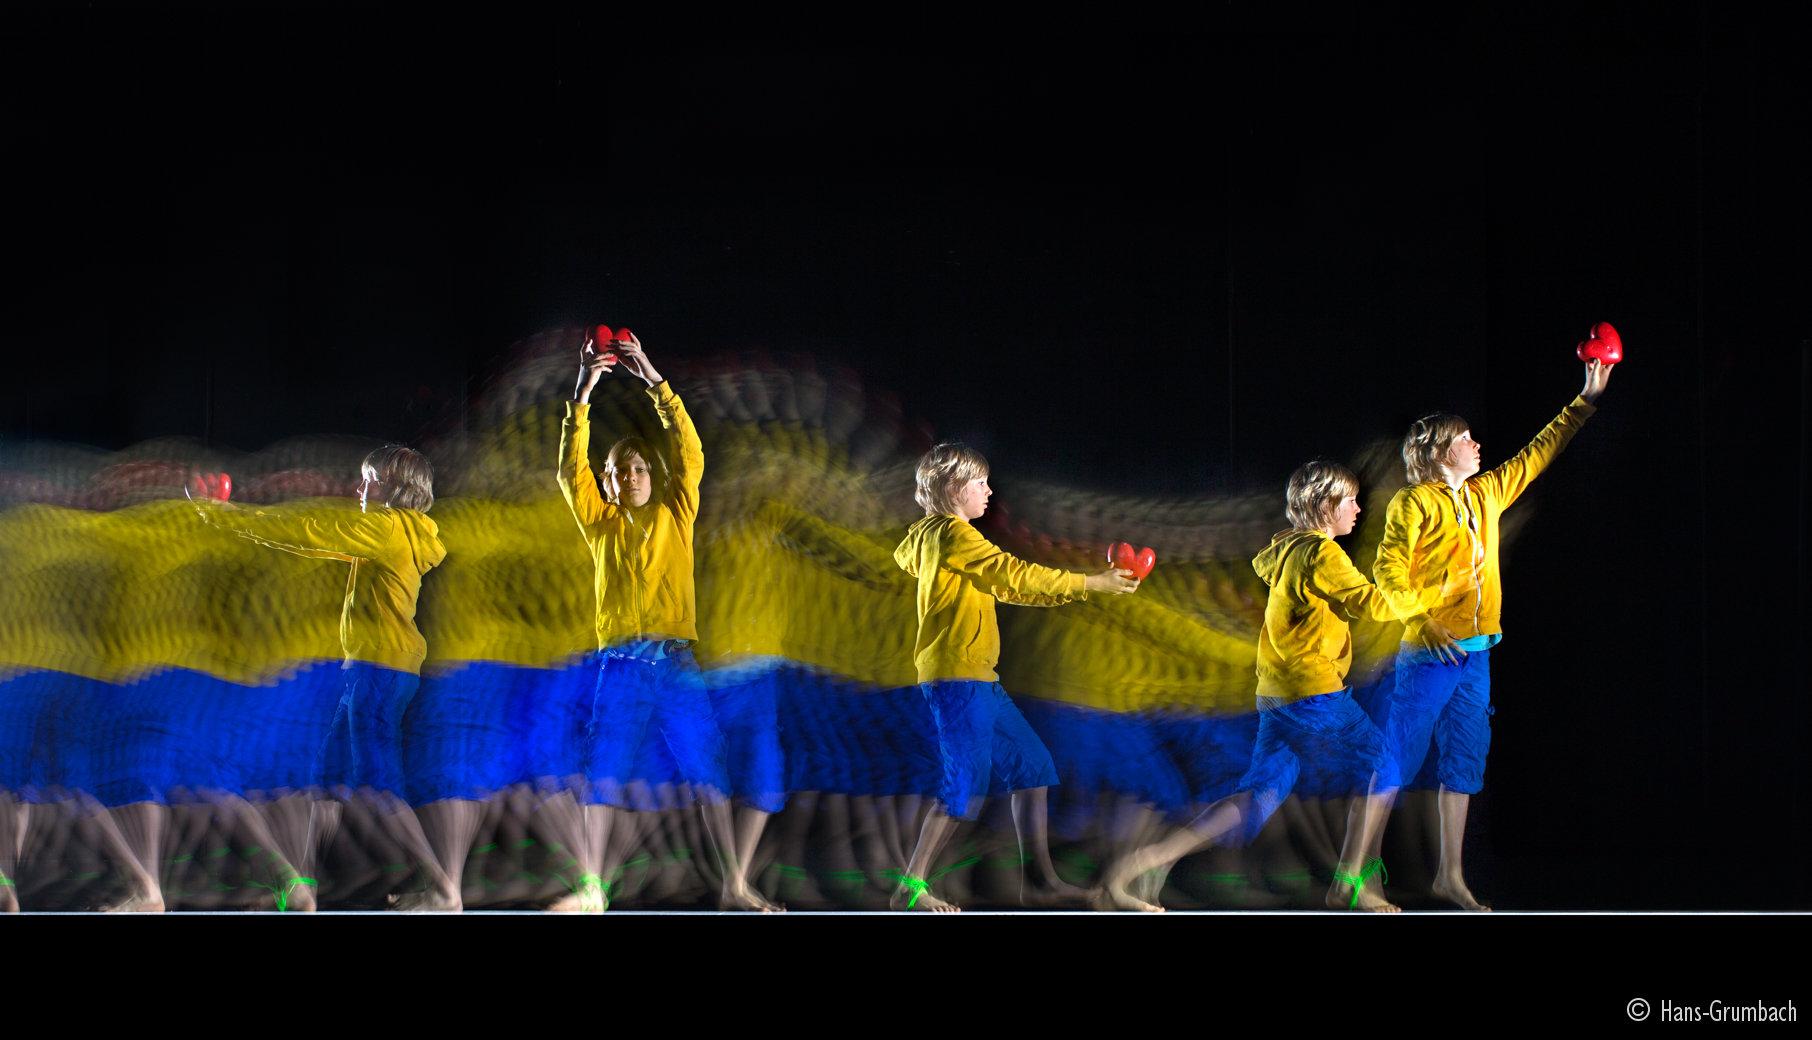 Mouvements de danse avec le procédé Motion Sculpture. Conseil Général de la Meuse